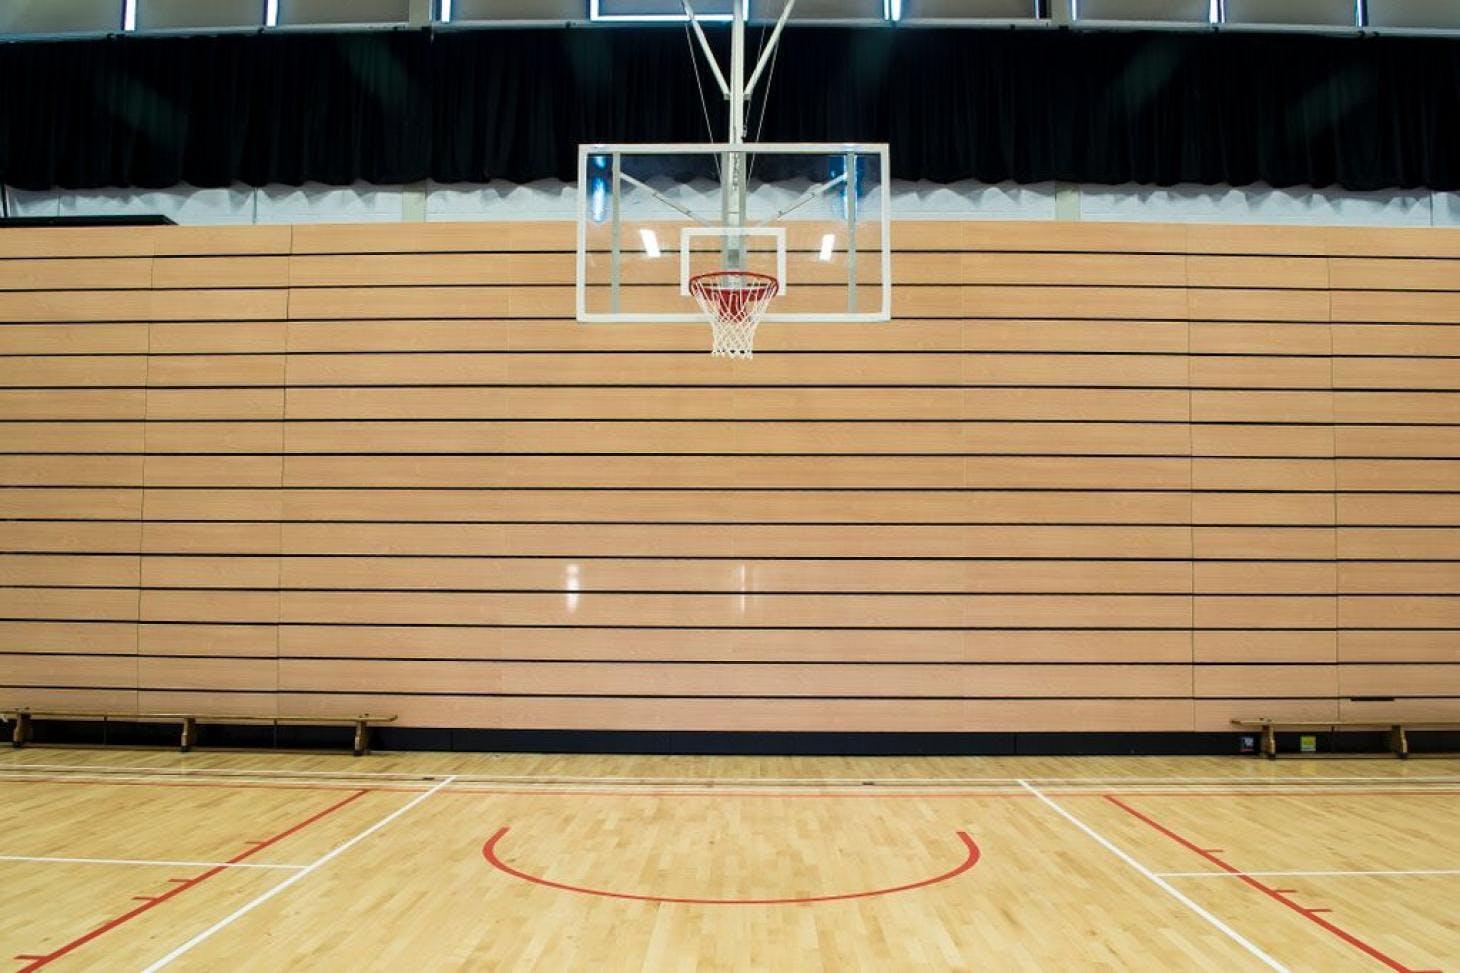 Alexandra College Indoor basketball court